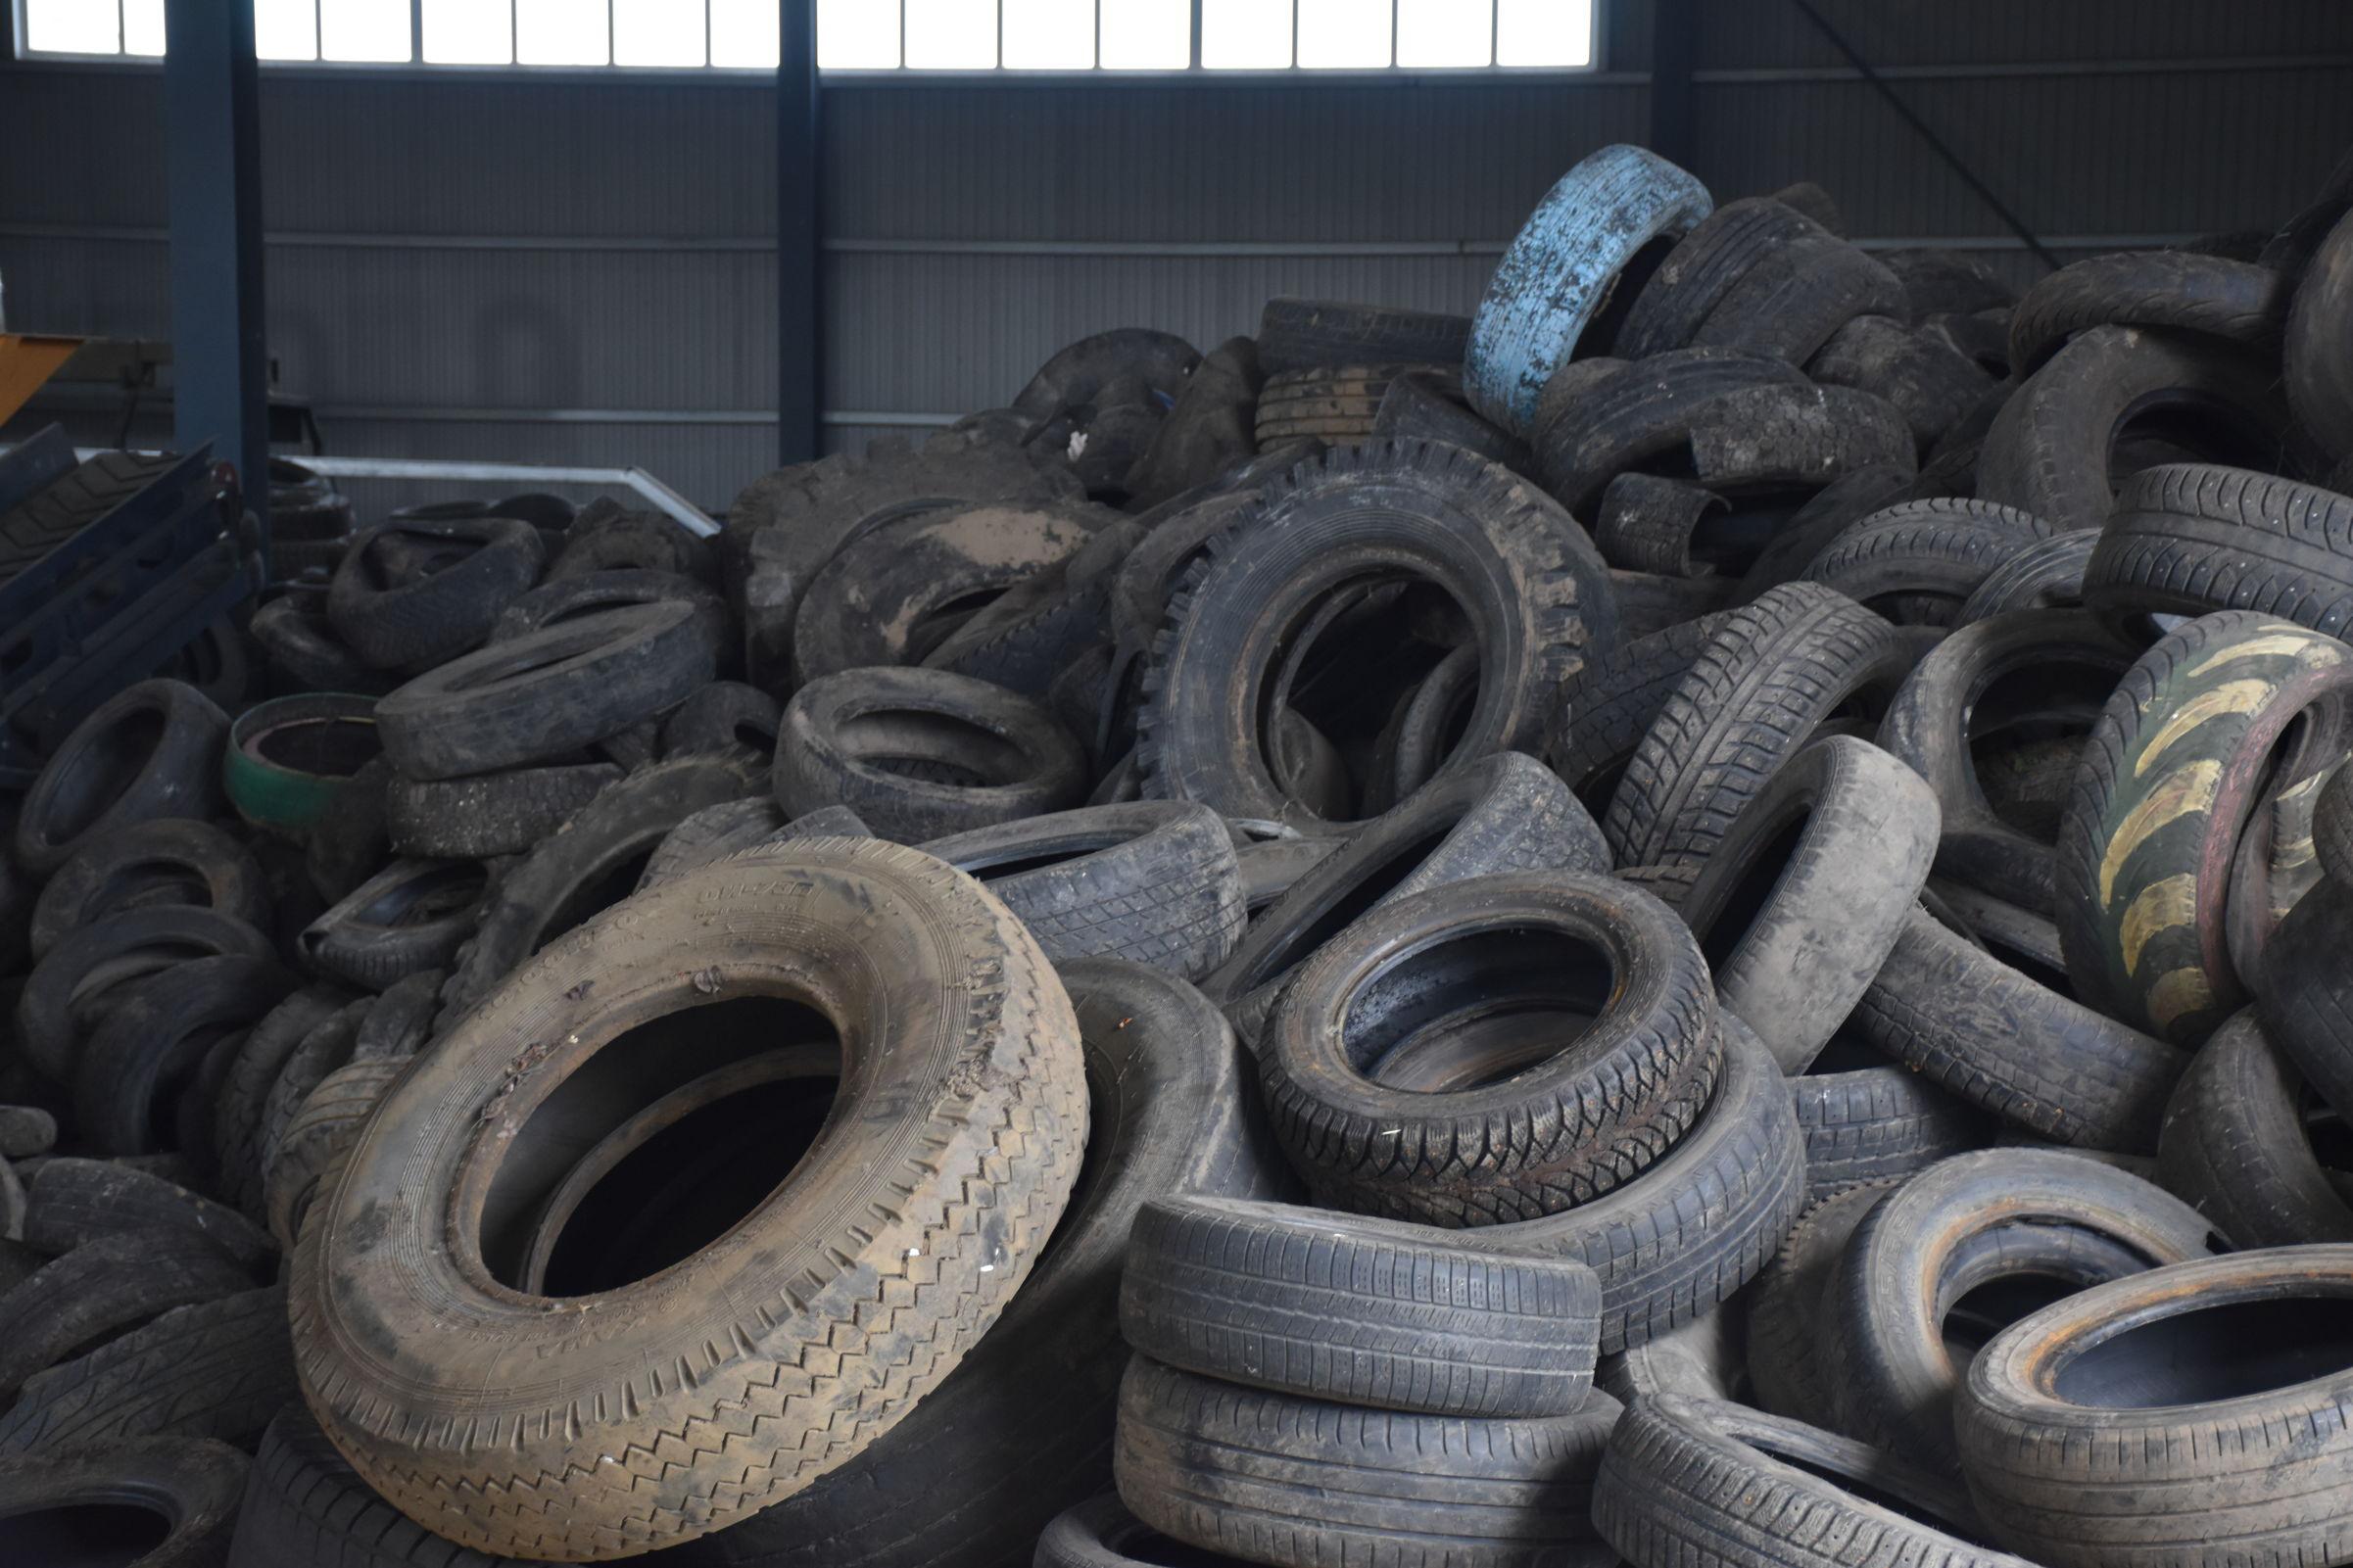 В Ярославле направили на переработку более 50 тонн автопокрышек, собранных в рамках экологических акций